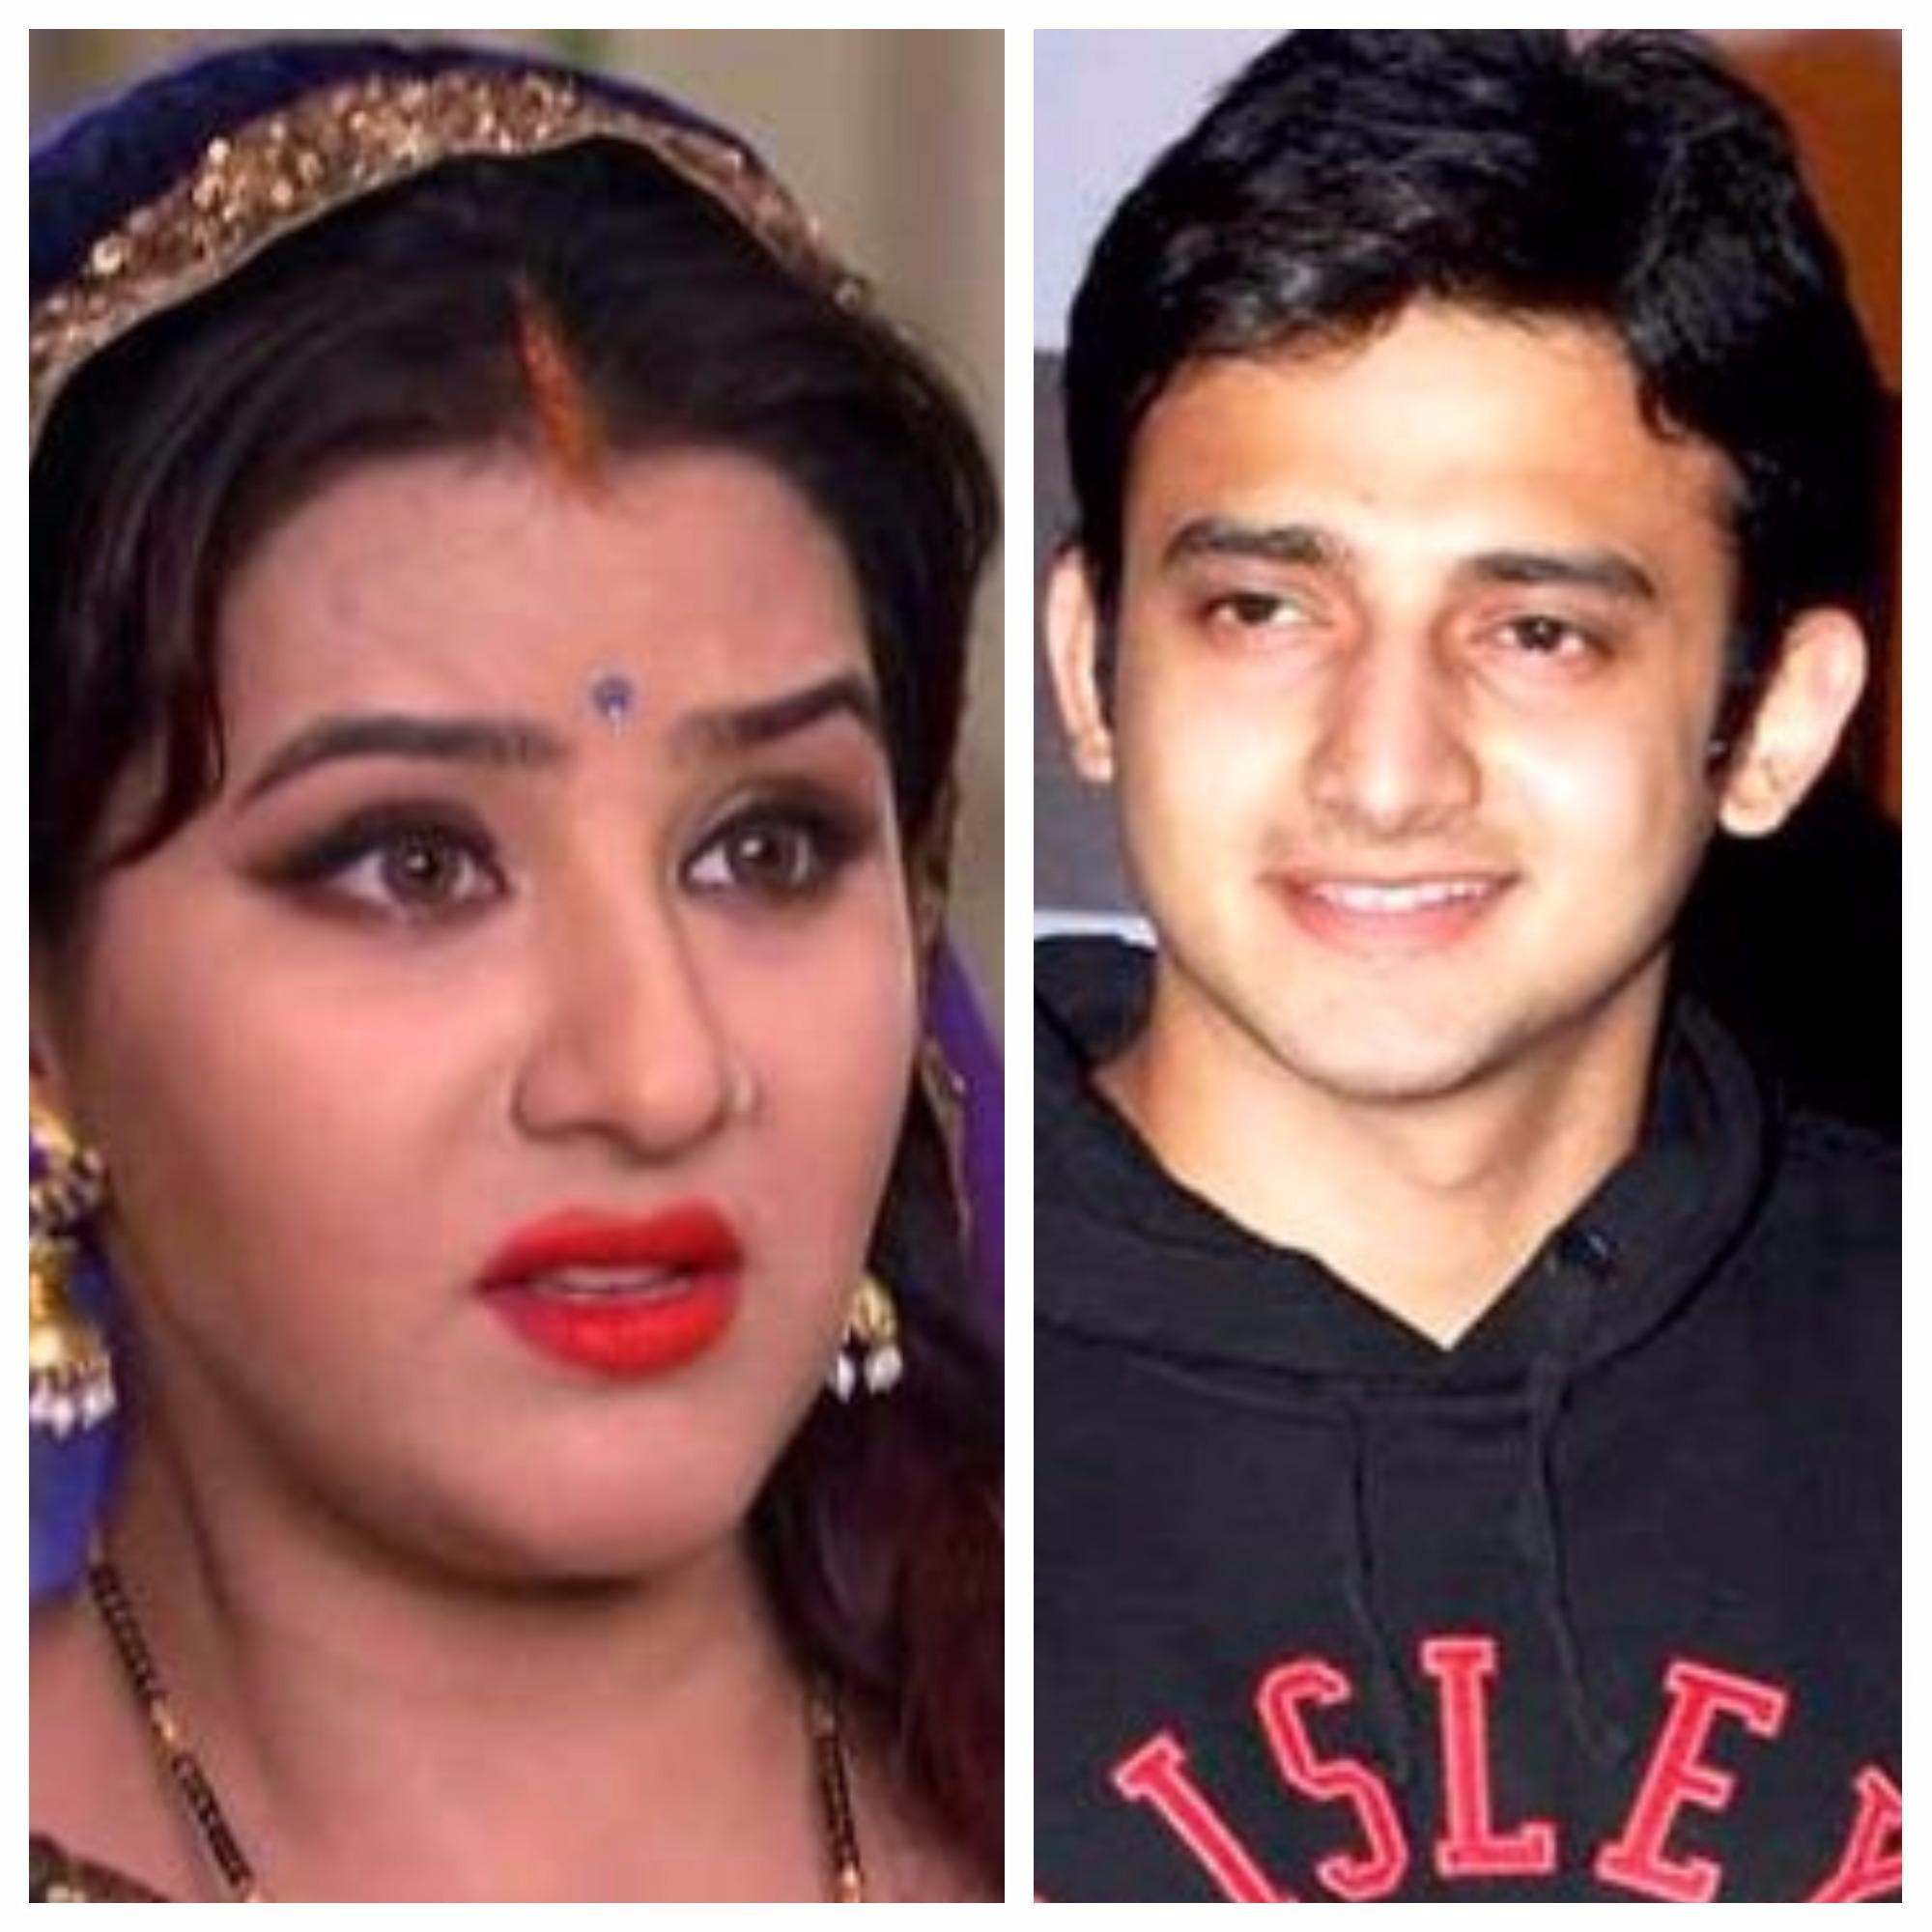 बिग बॉस 11: ये क्या? शो में होगी शिल्पा शिंदे के बॉयफ्रेंड की एंट्री?